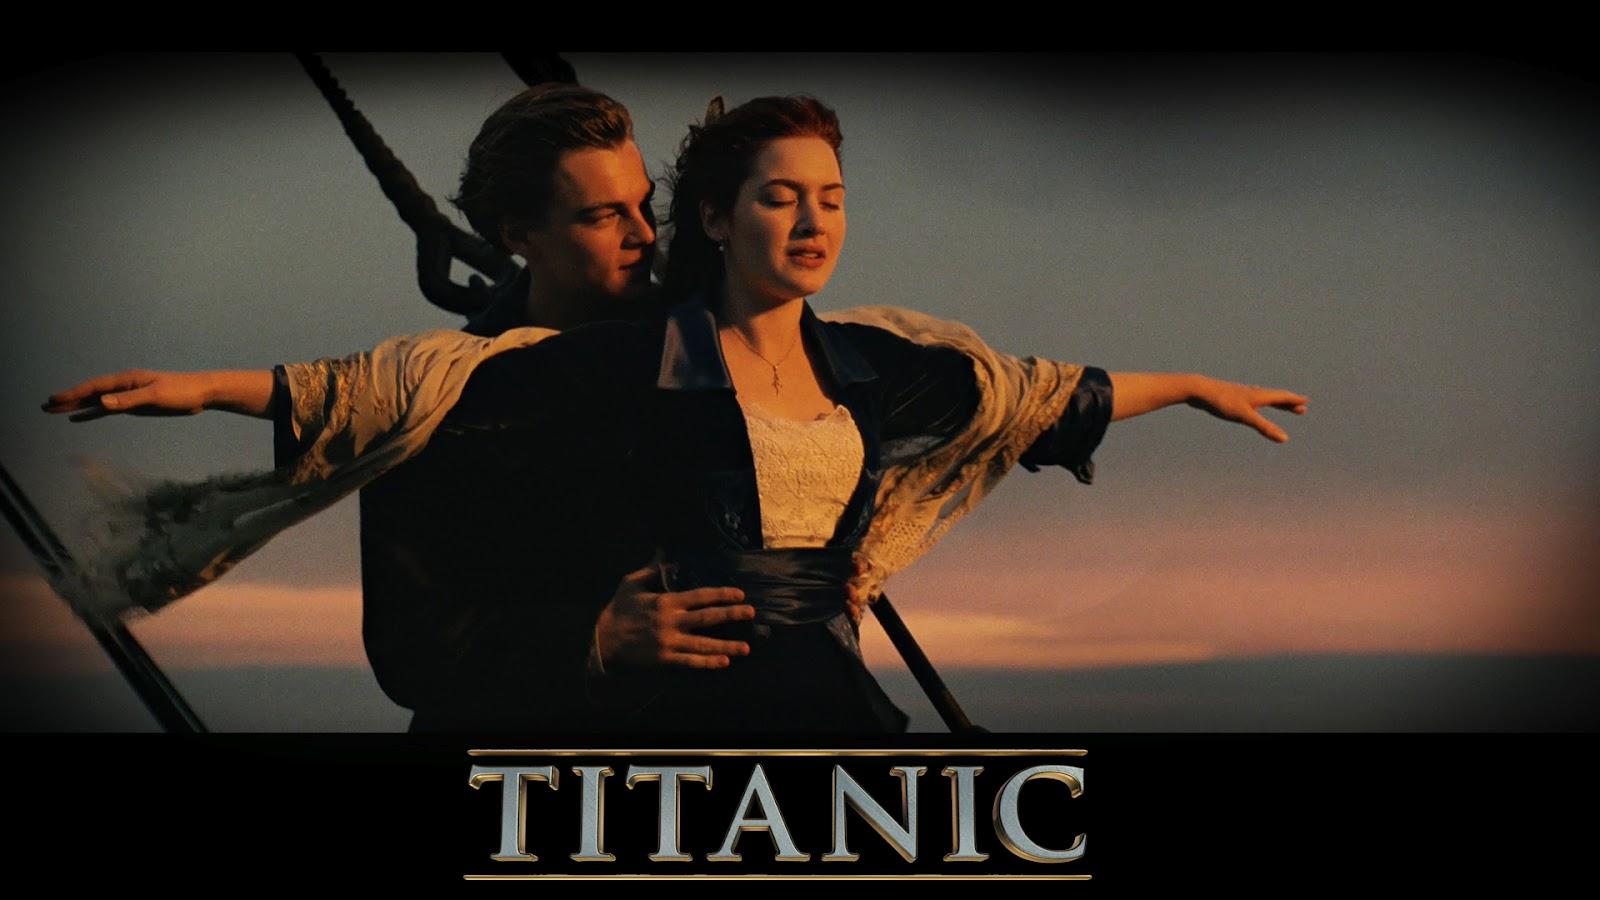 http://1.bp.blogspot.com/-S11JmPGu6LY/T21q9iXHJ-I/AAAAAAAAX2c/dspVXW4Cgmo/s1600/Titanic-in-3D-Wallpapers-1920x1080-1.jpg